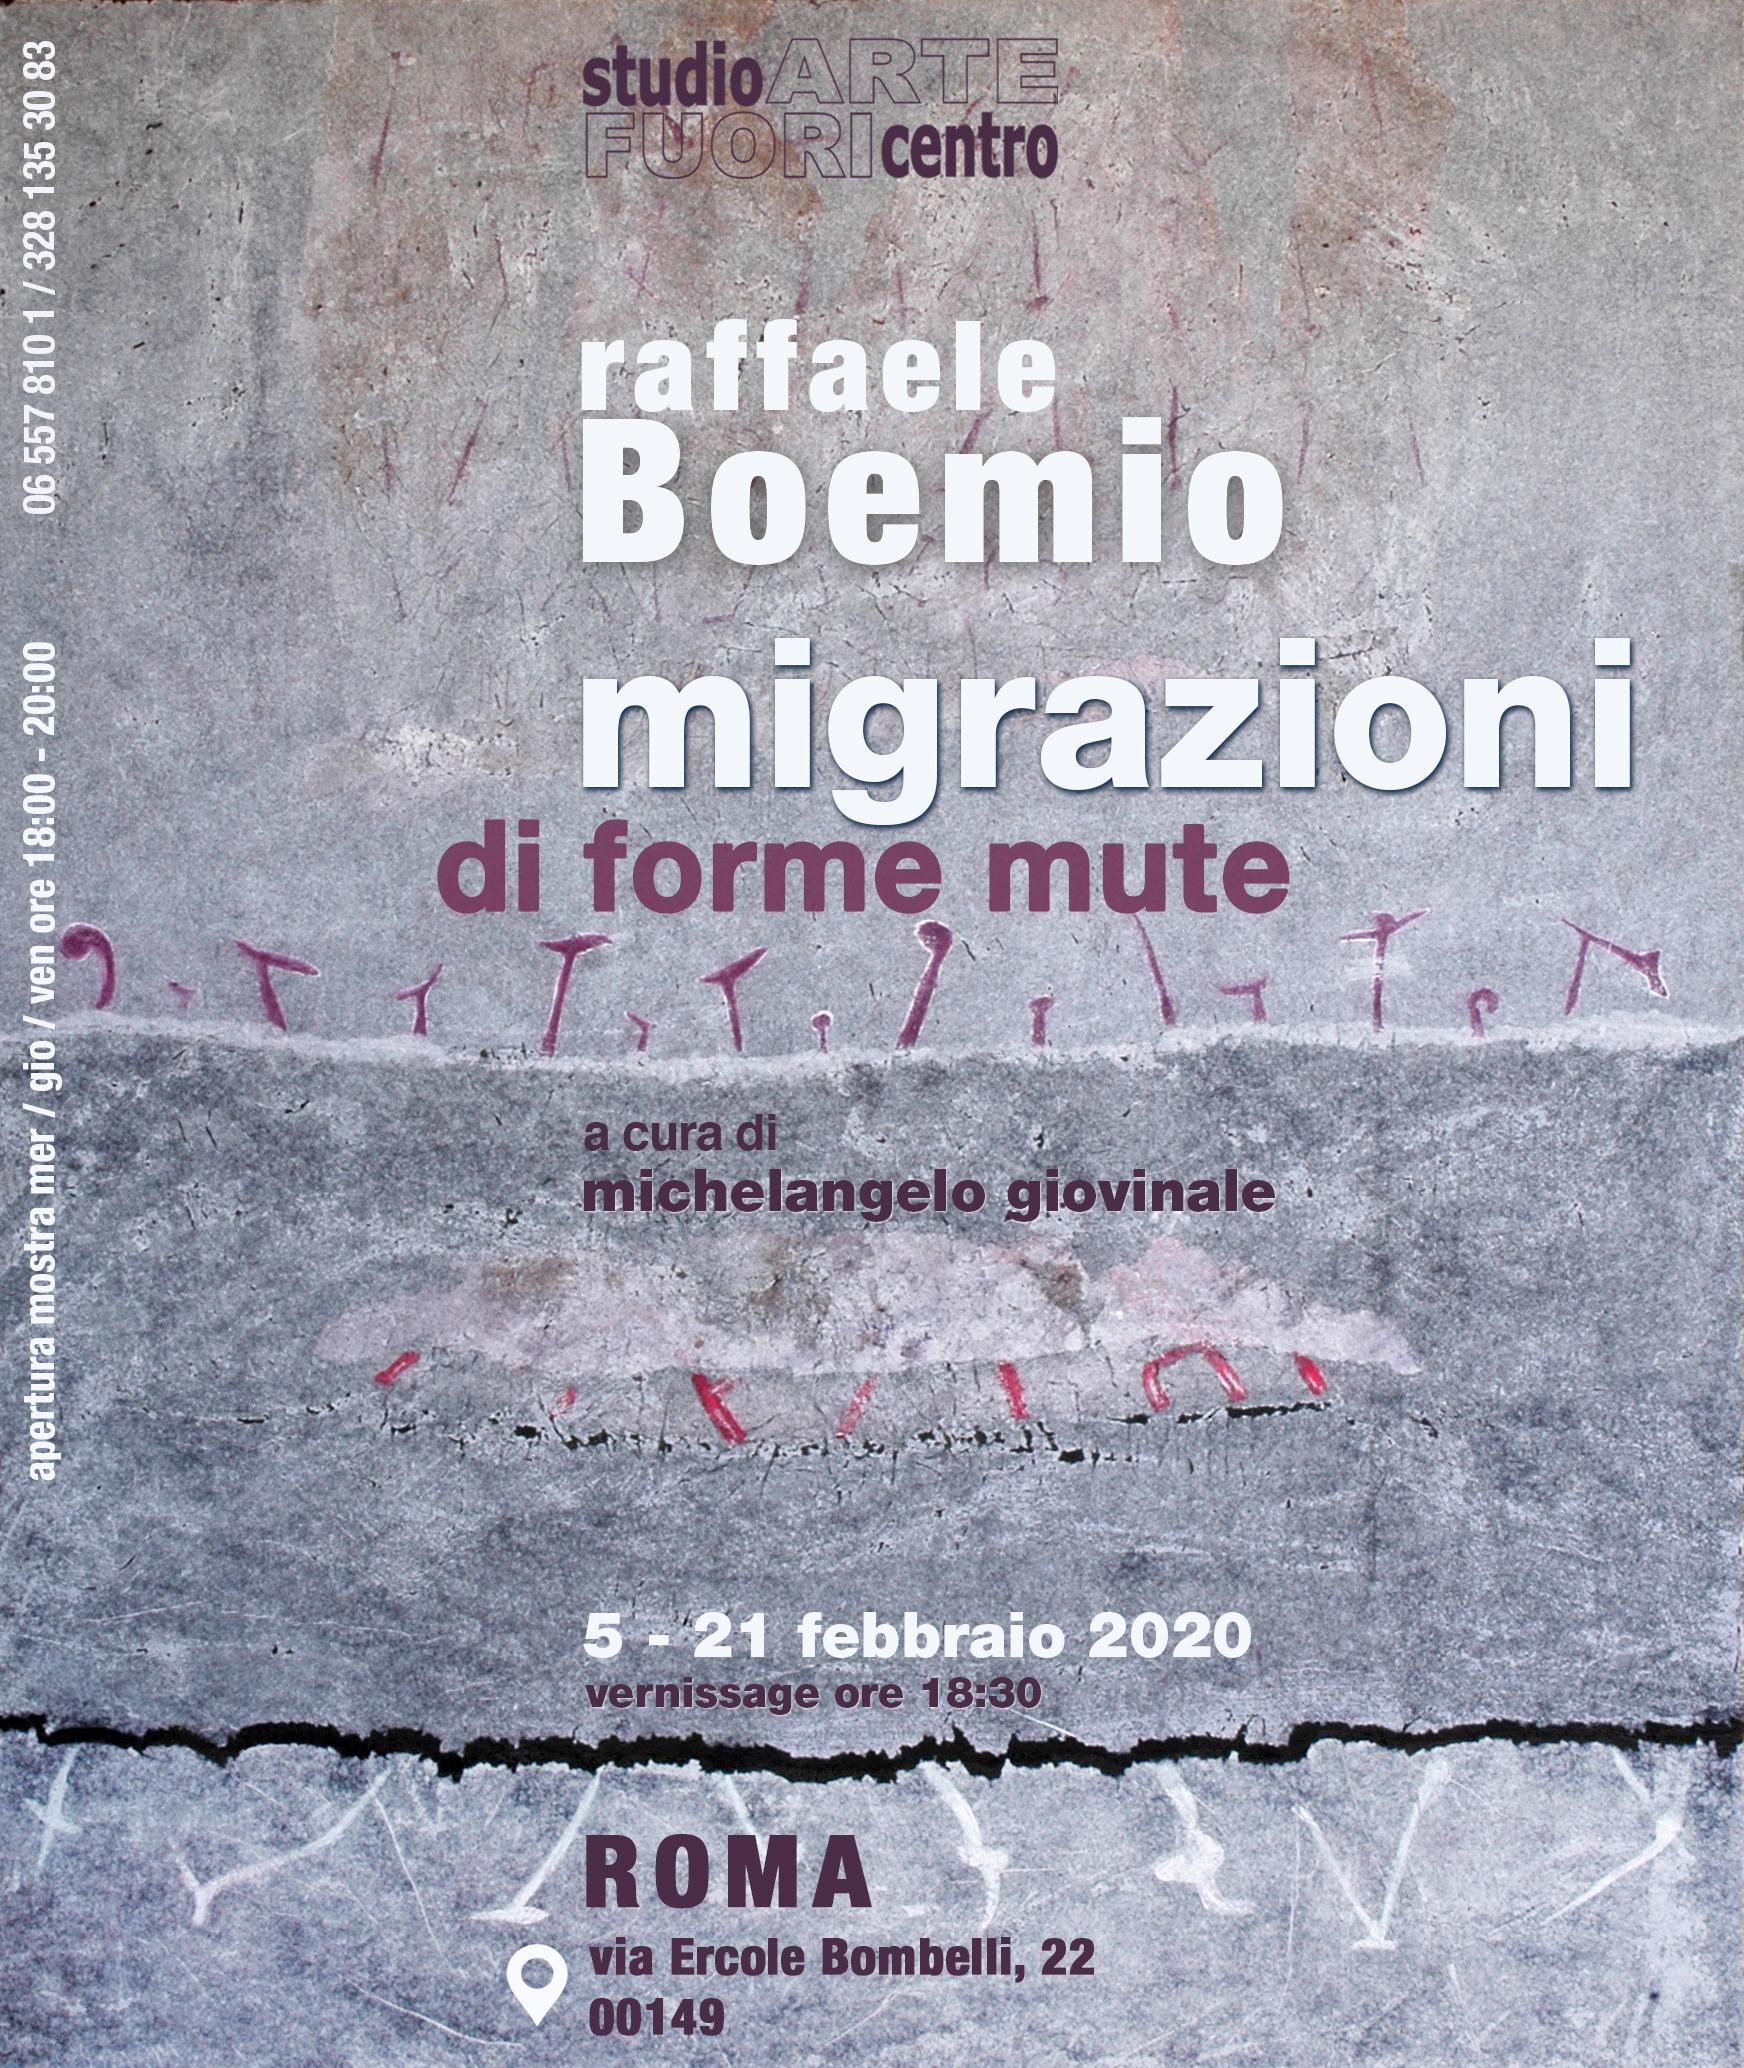 Migrazioni di forme mute  opere di Raffaele Boemio